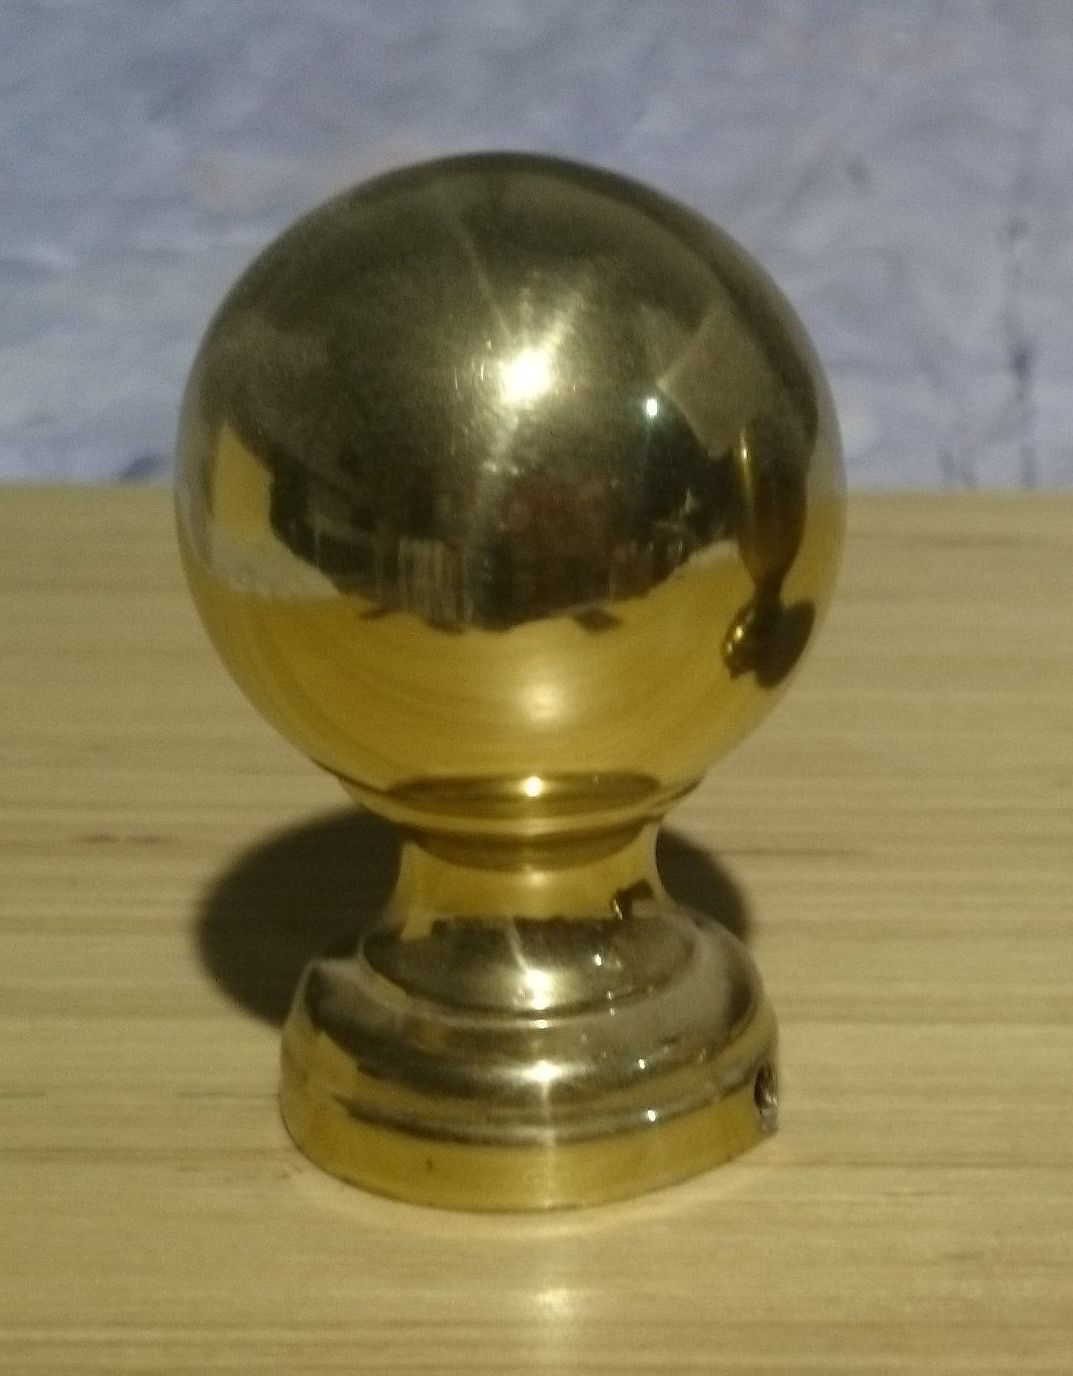 Bola lacada en bronce dorada brillante: Catálogo de muebles de forja de Forja Manuel Jiménez